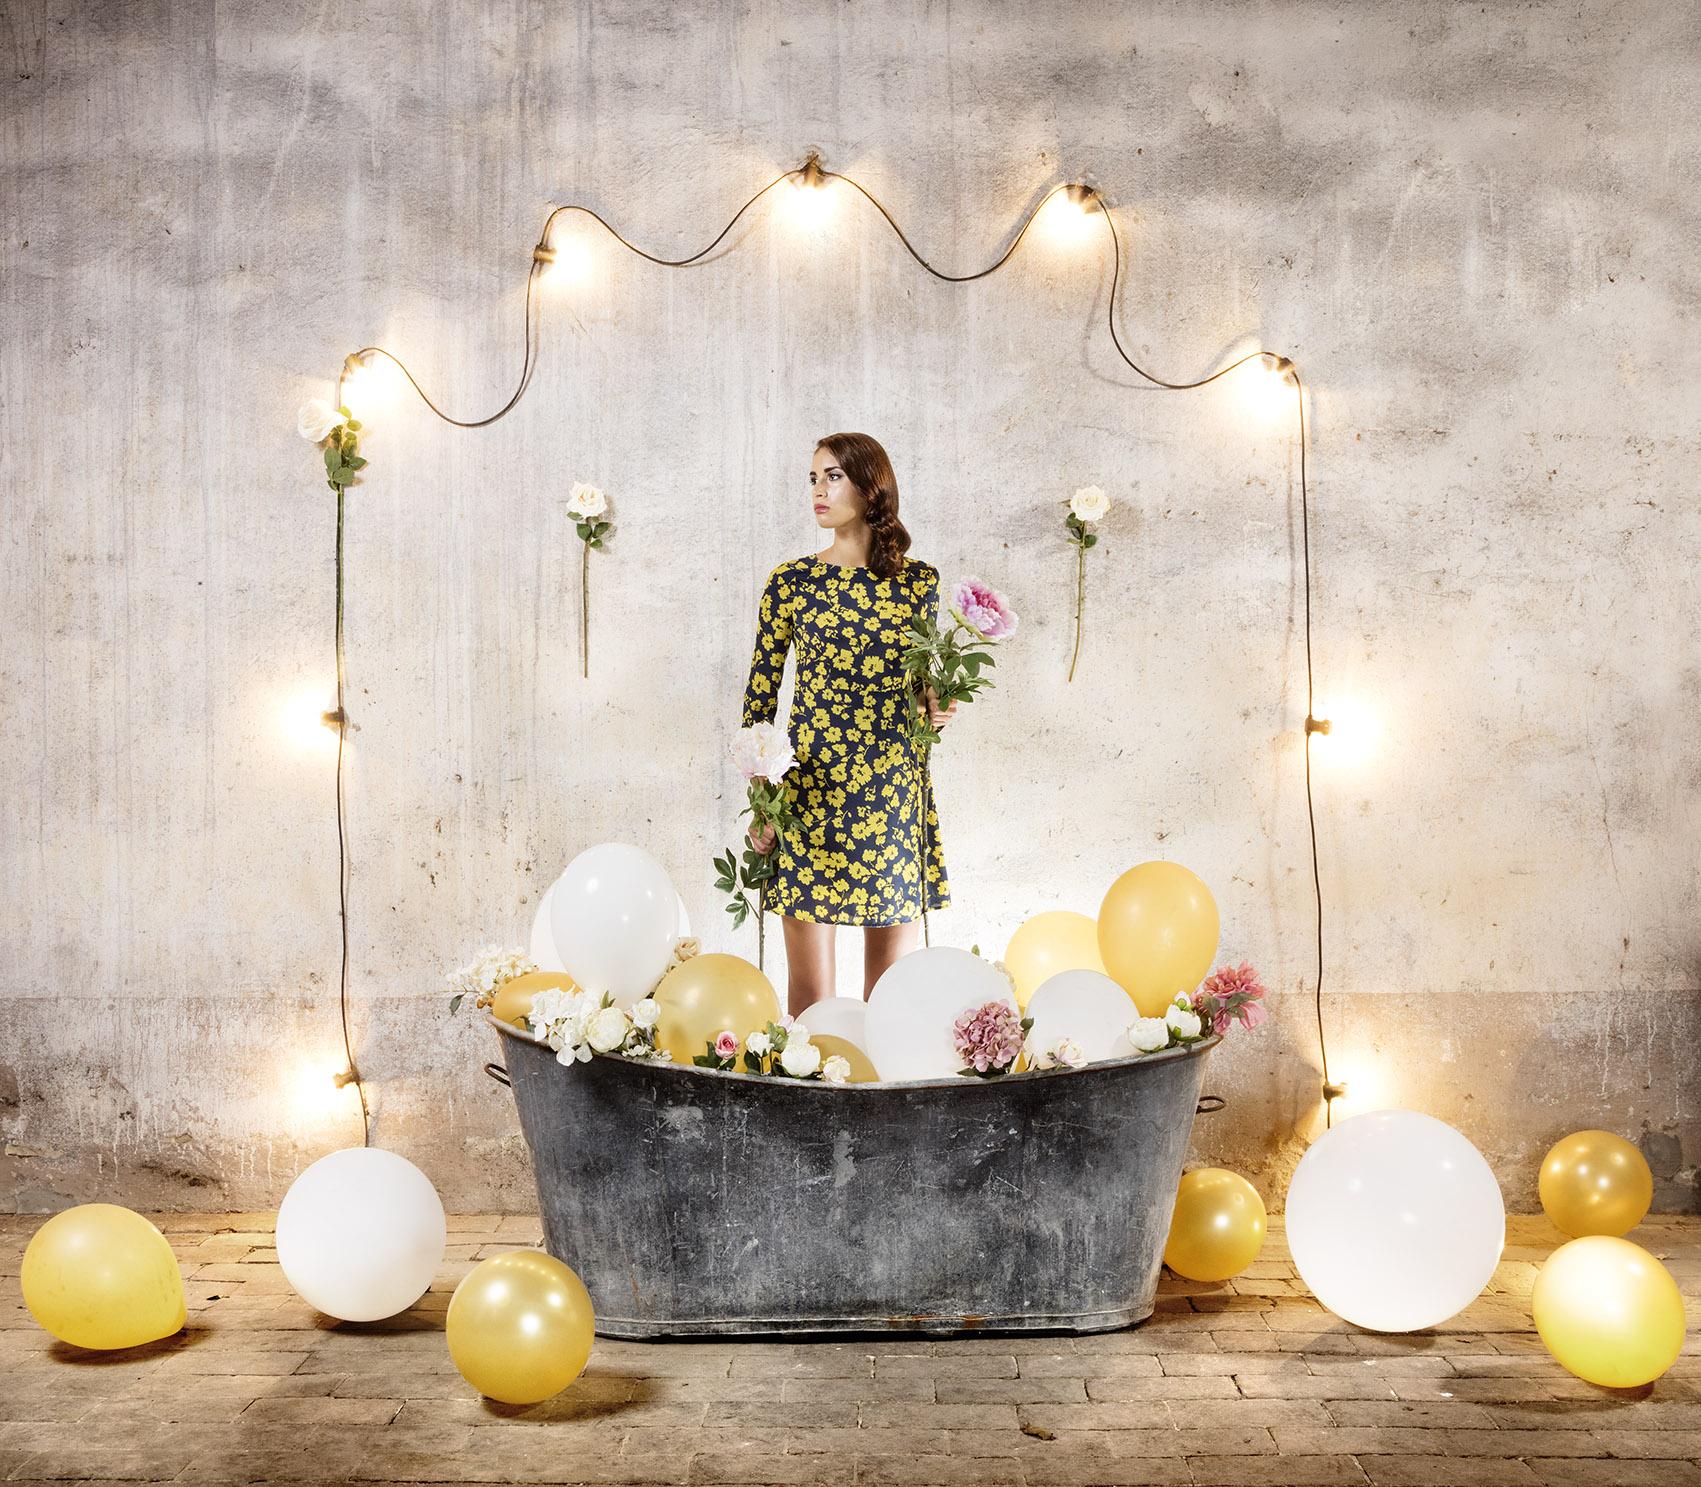 Fashion | Losan Piatti - Fotografo Toscana_Allyson-White-2016_12